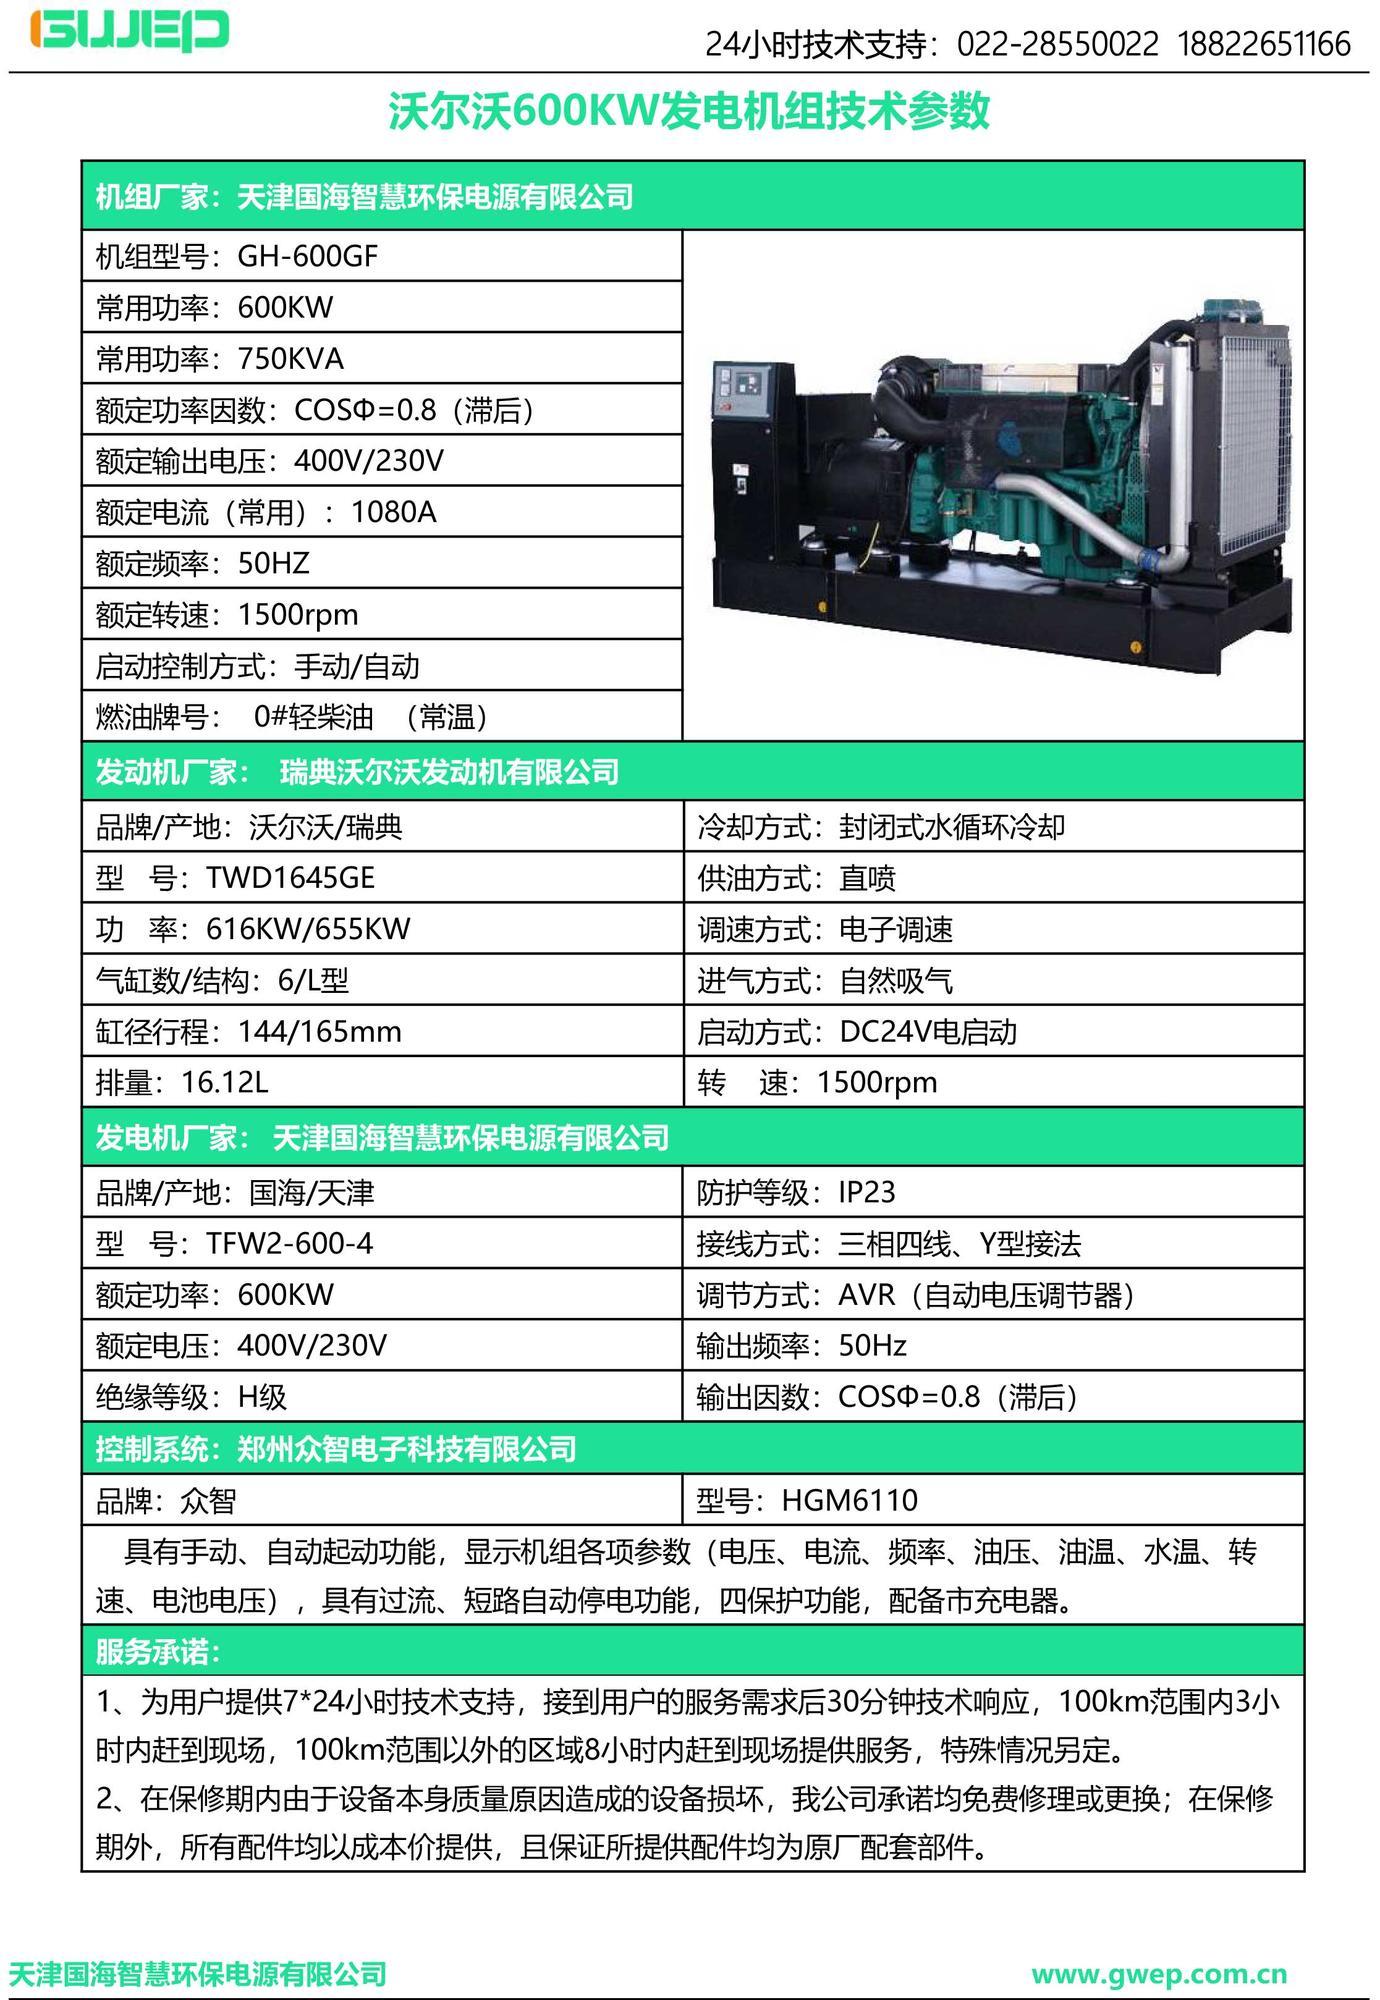 沃尔沃600KW发电机组技术资料-2.jpg